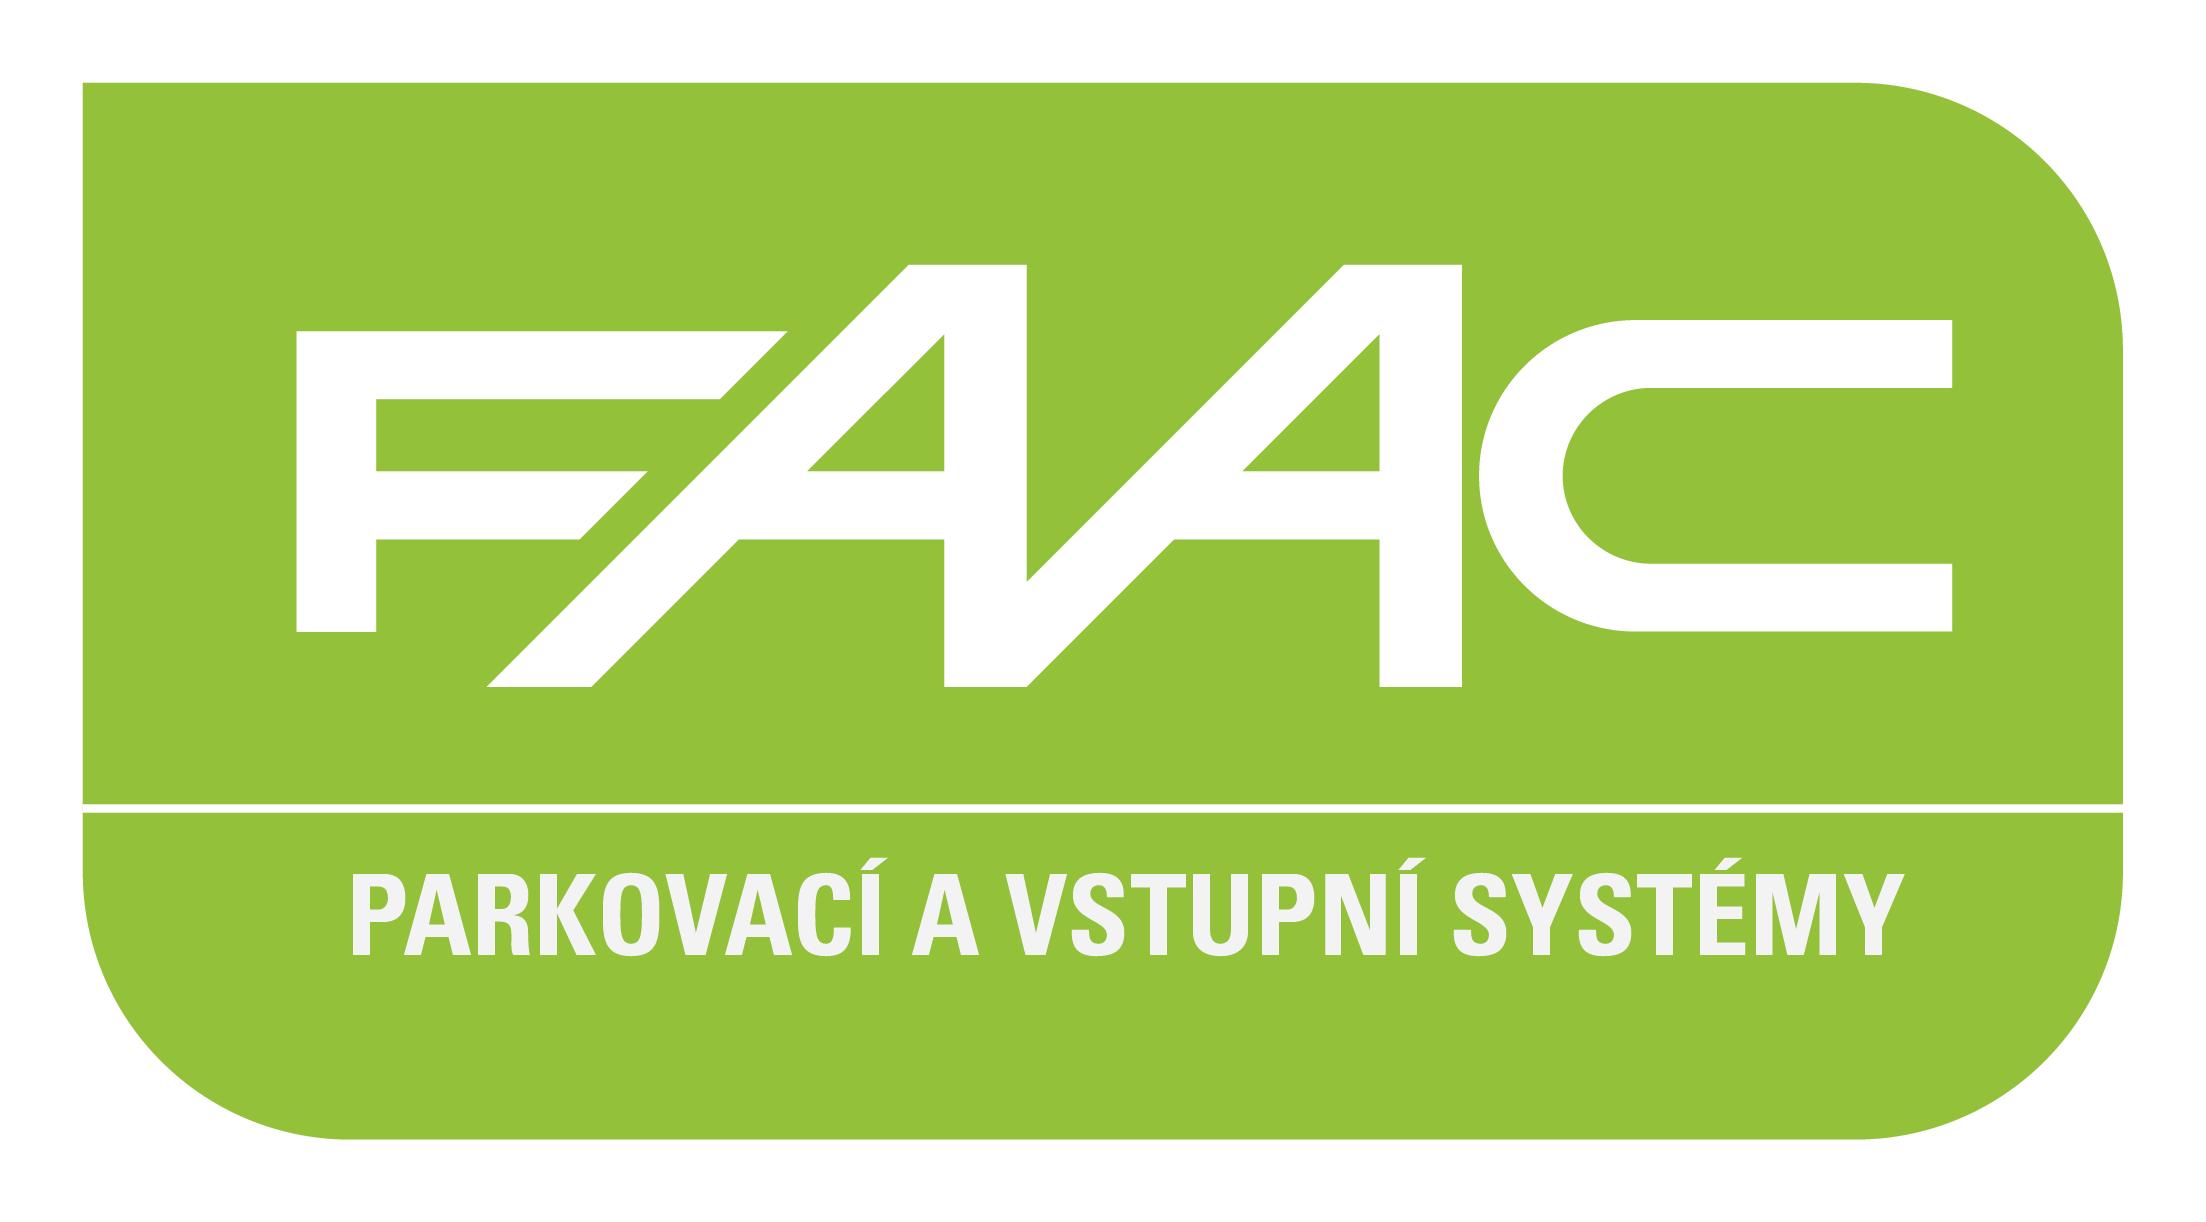 Parkovací a vstupní systémy FAAC